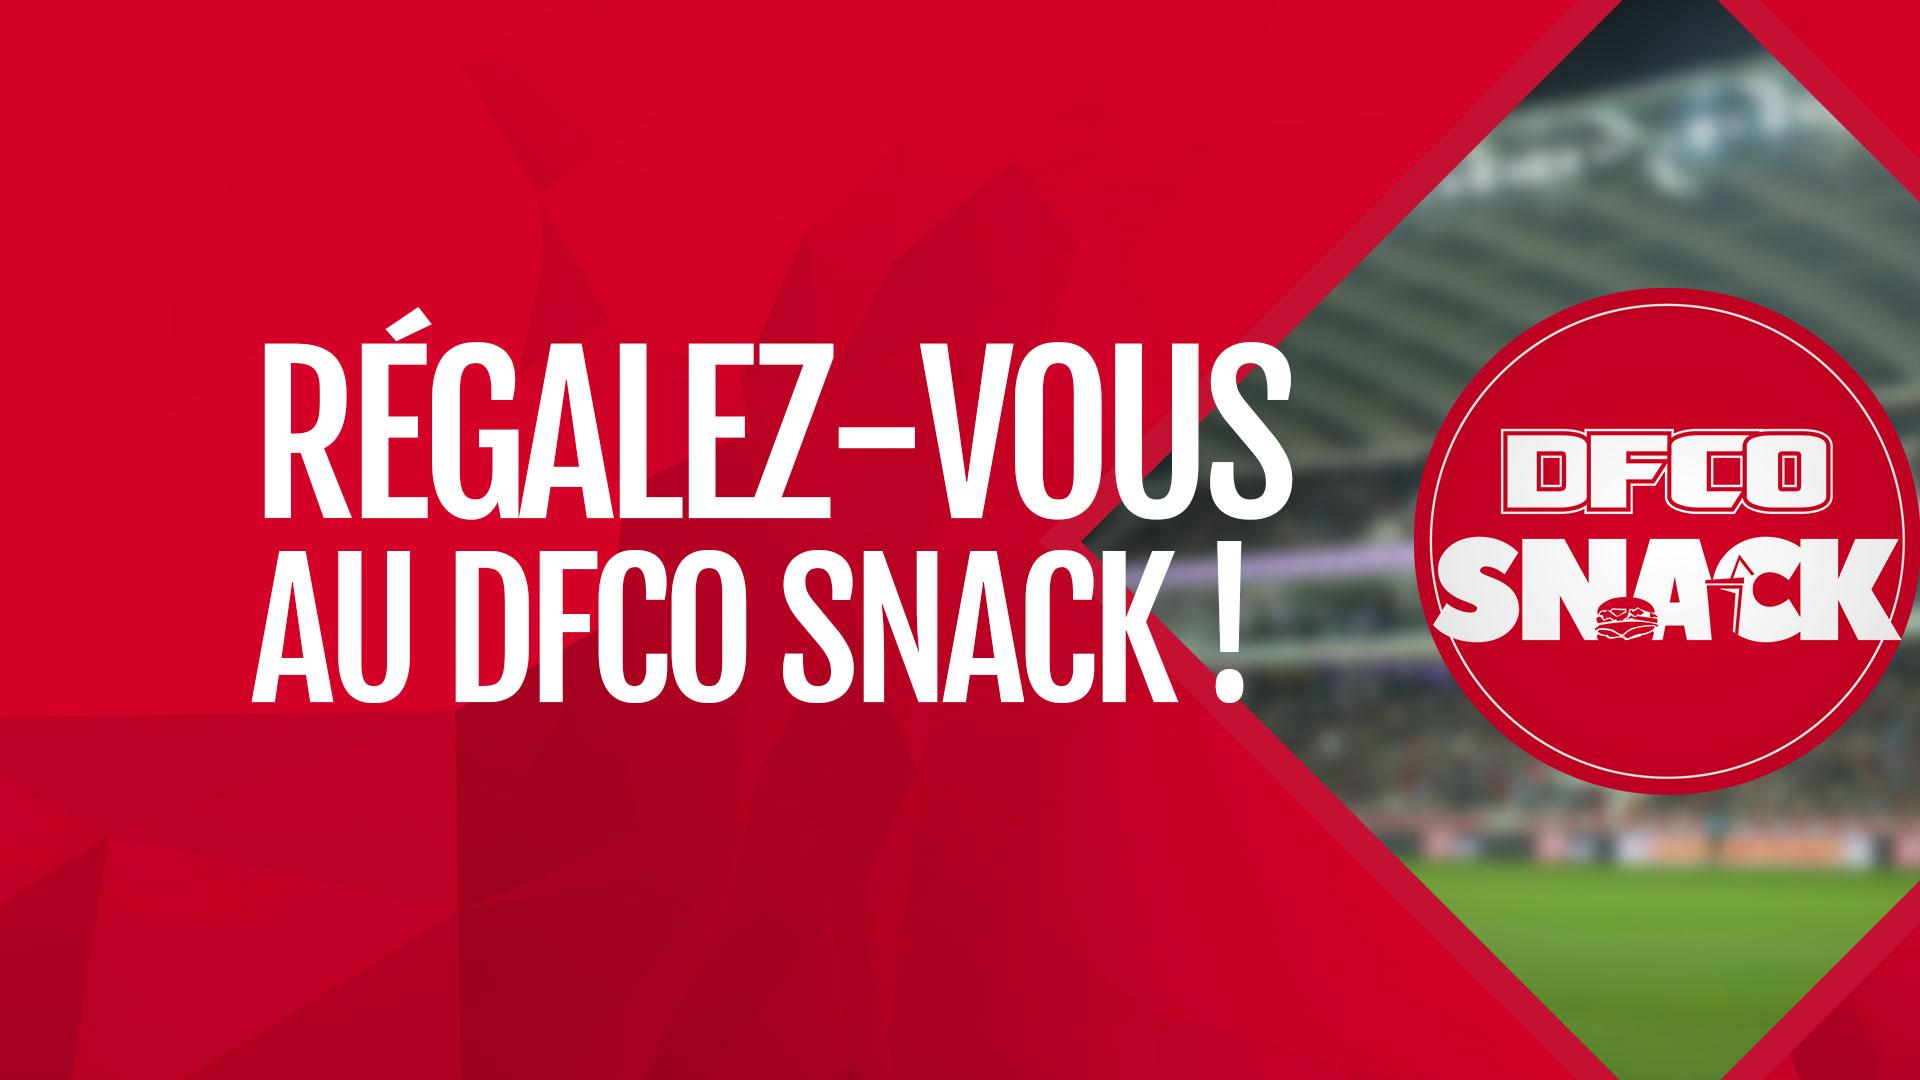 DFCO Snack